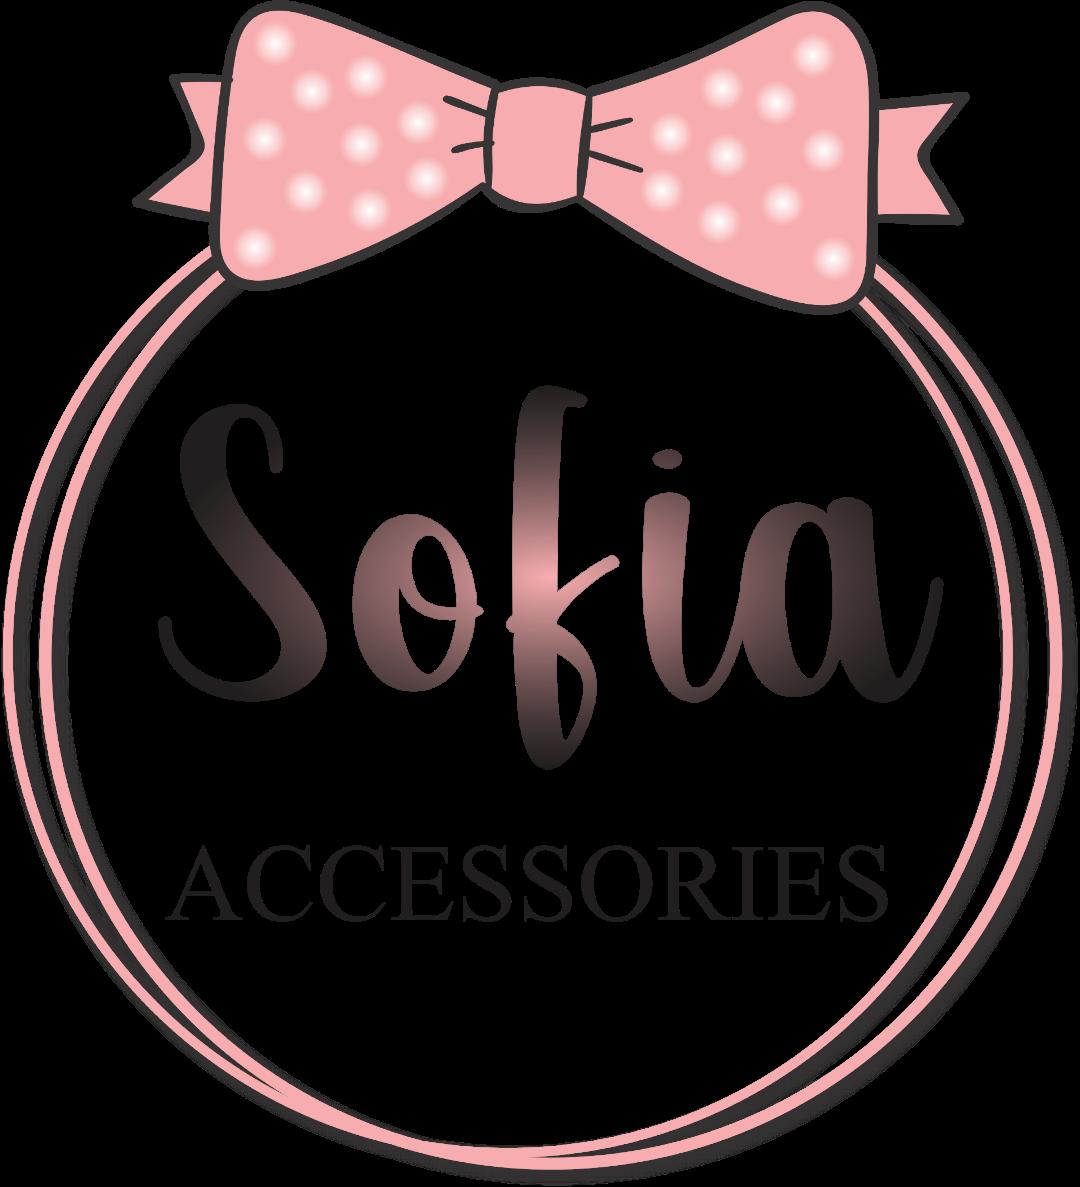 Sofia Accessories